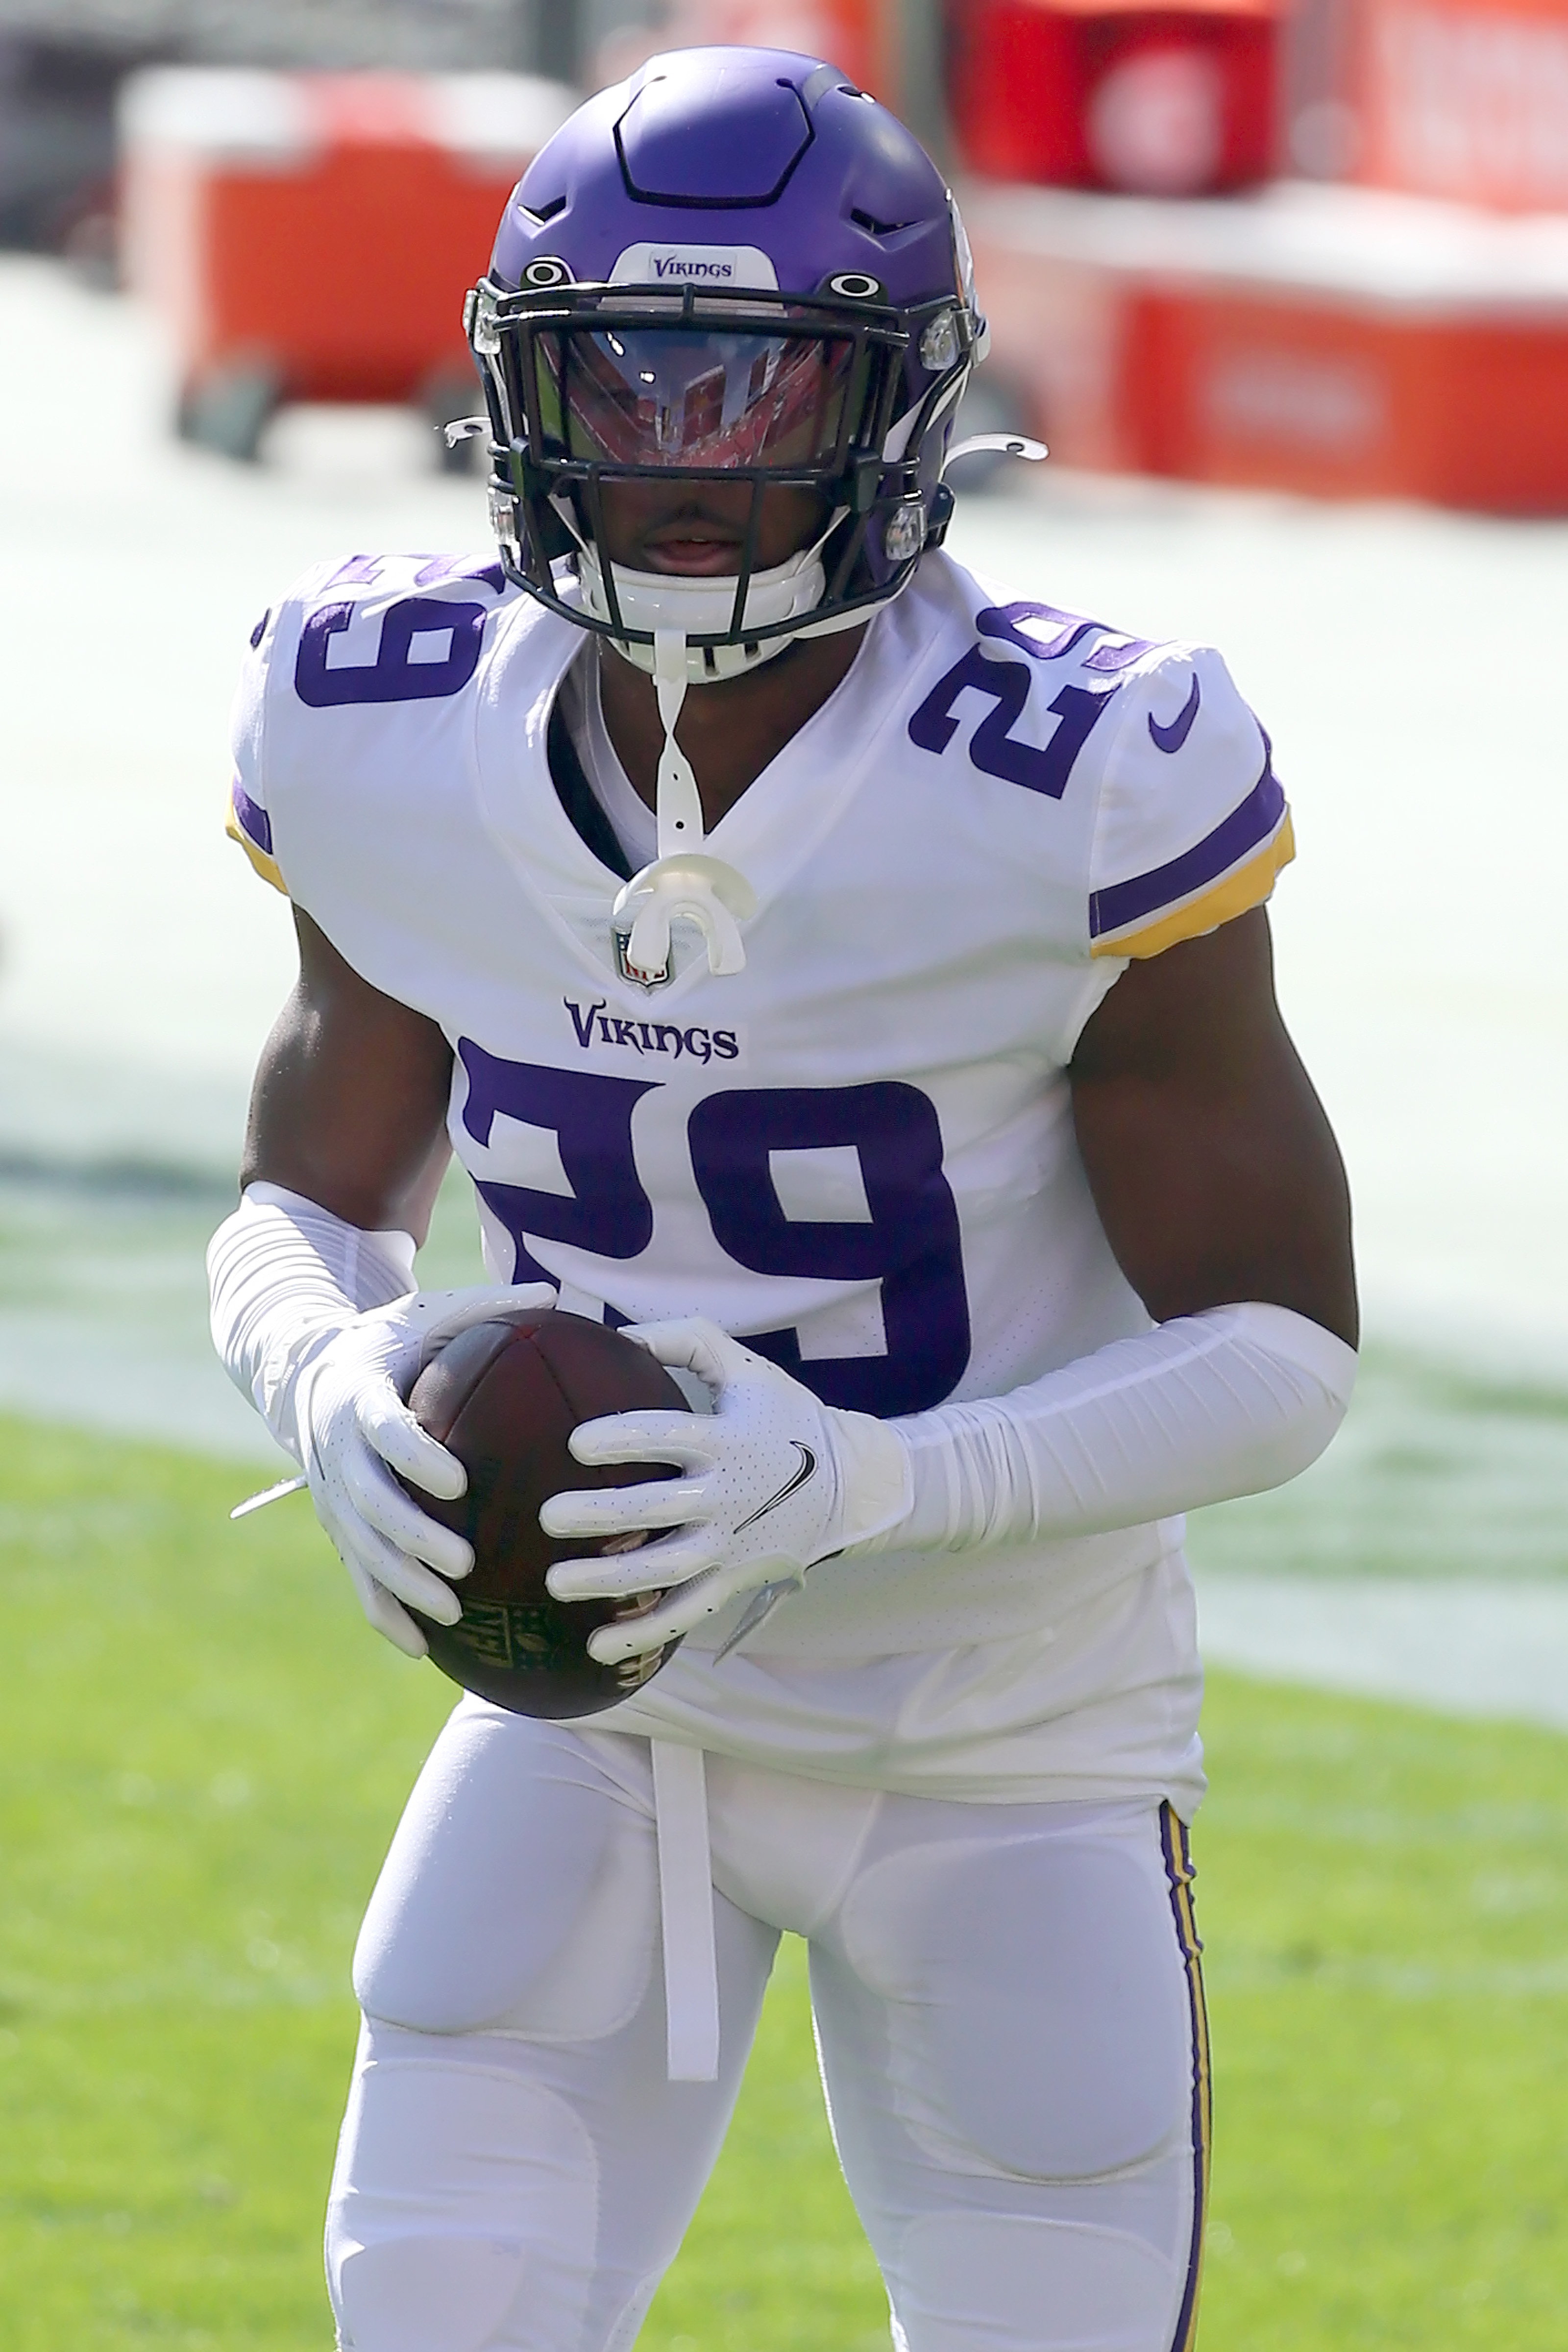 NFL: DEC 13 Vikings at Buccaneers